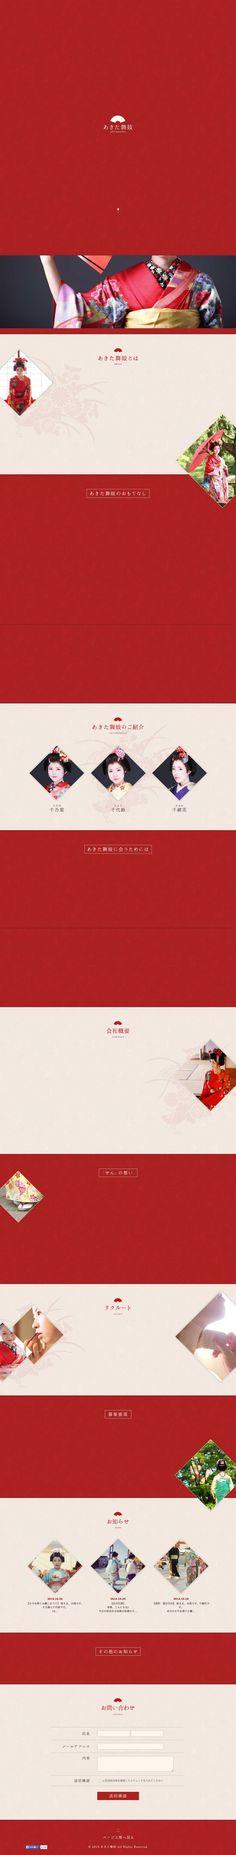 Unique Web Design, Akitamaiko #WebDesign #Design